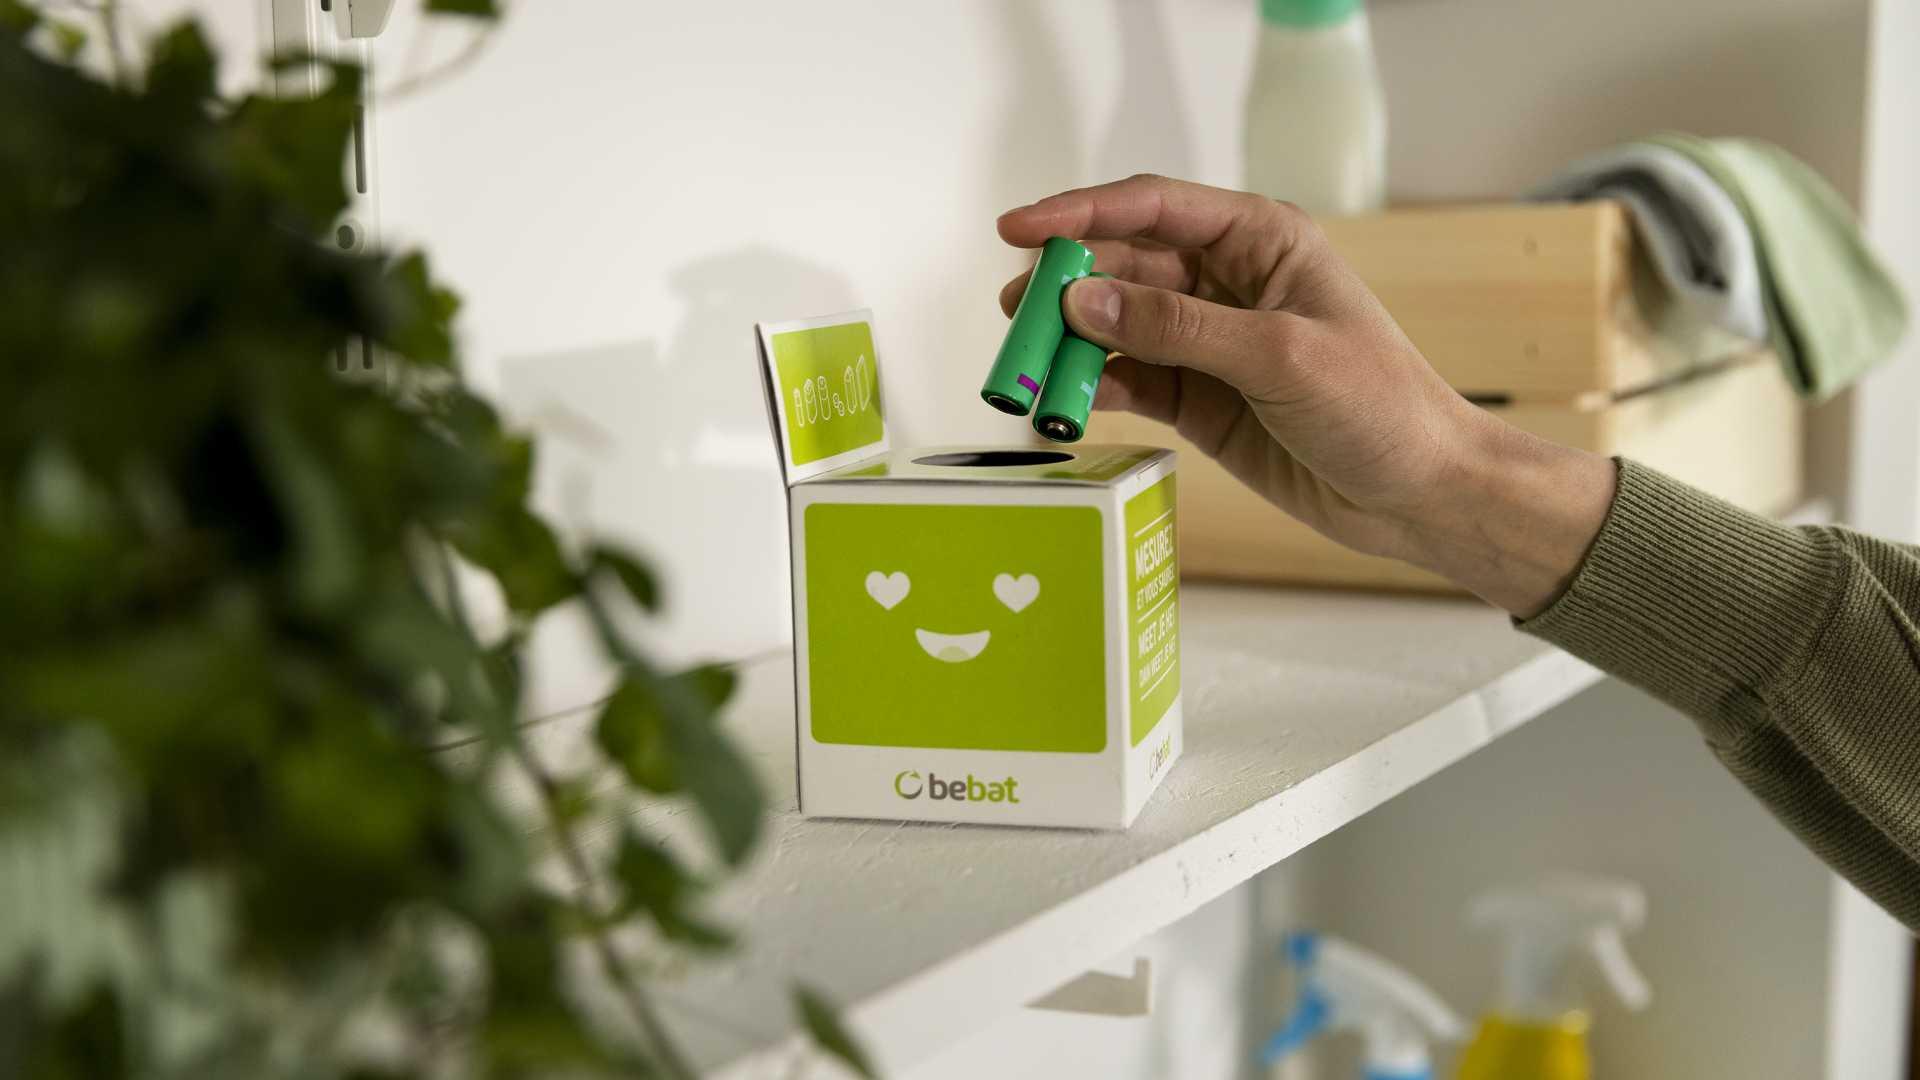 Batterijen in kubus